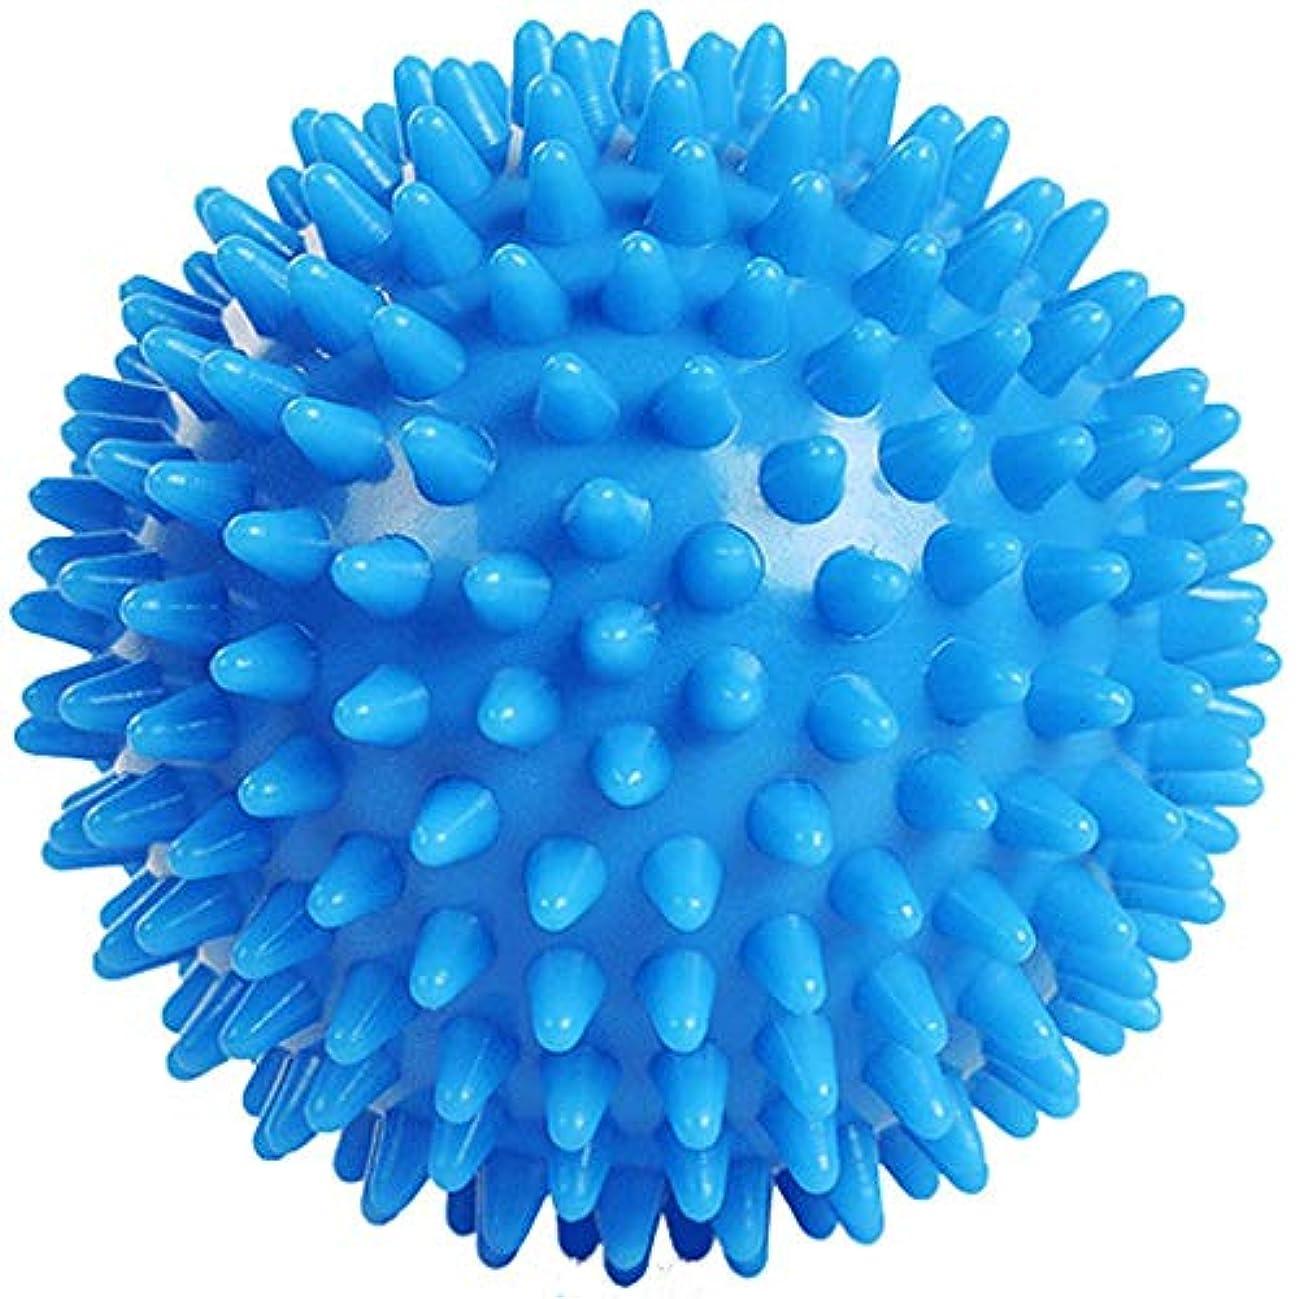 人工あえて近所のTopFires リフレックスボール 触覚ボール 足裏手 背中のマッサージボール リハビリ マッサージ用 血液循環促進 筋肉緊張 圧迫で解きほぐす